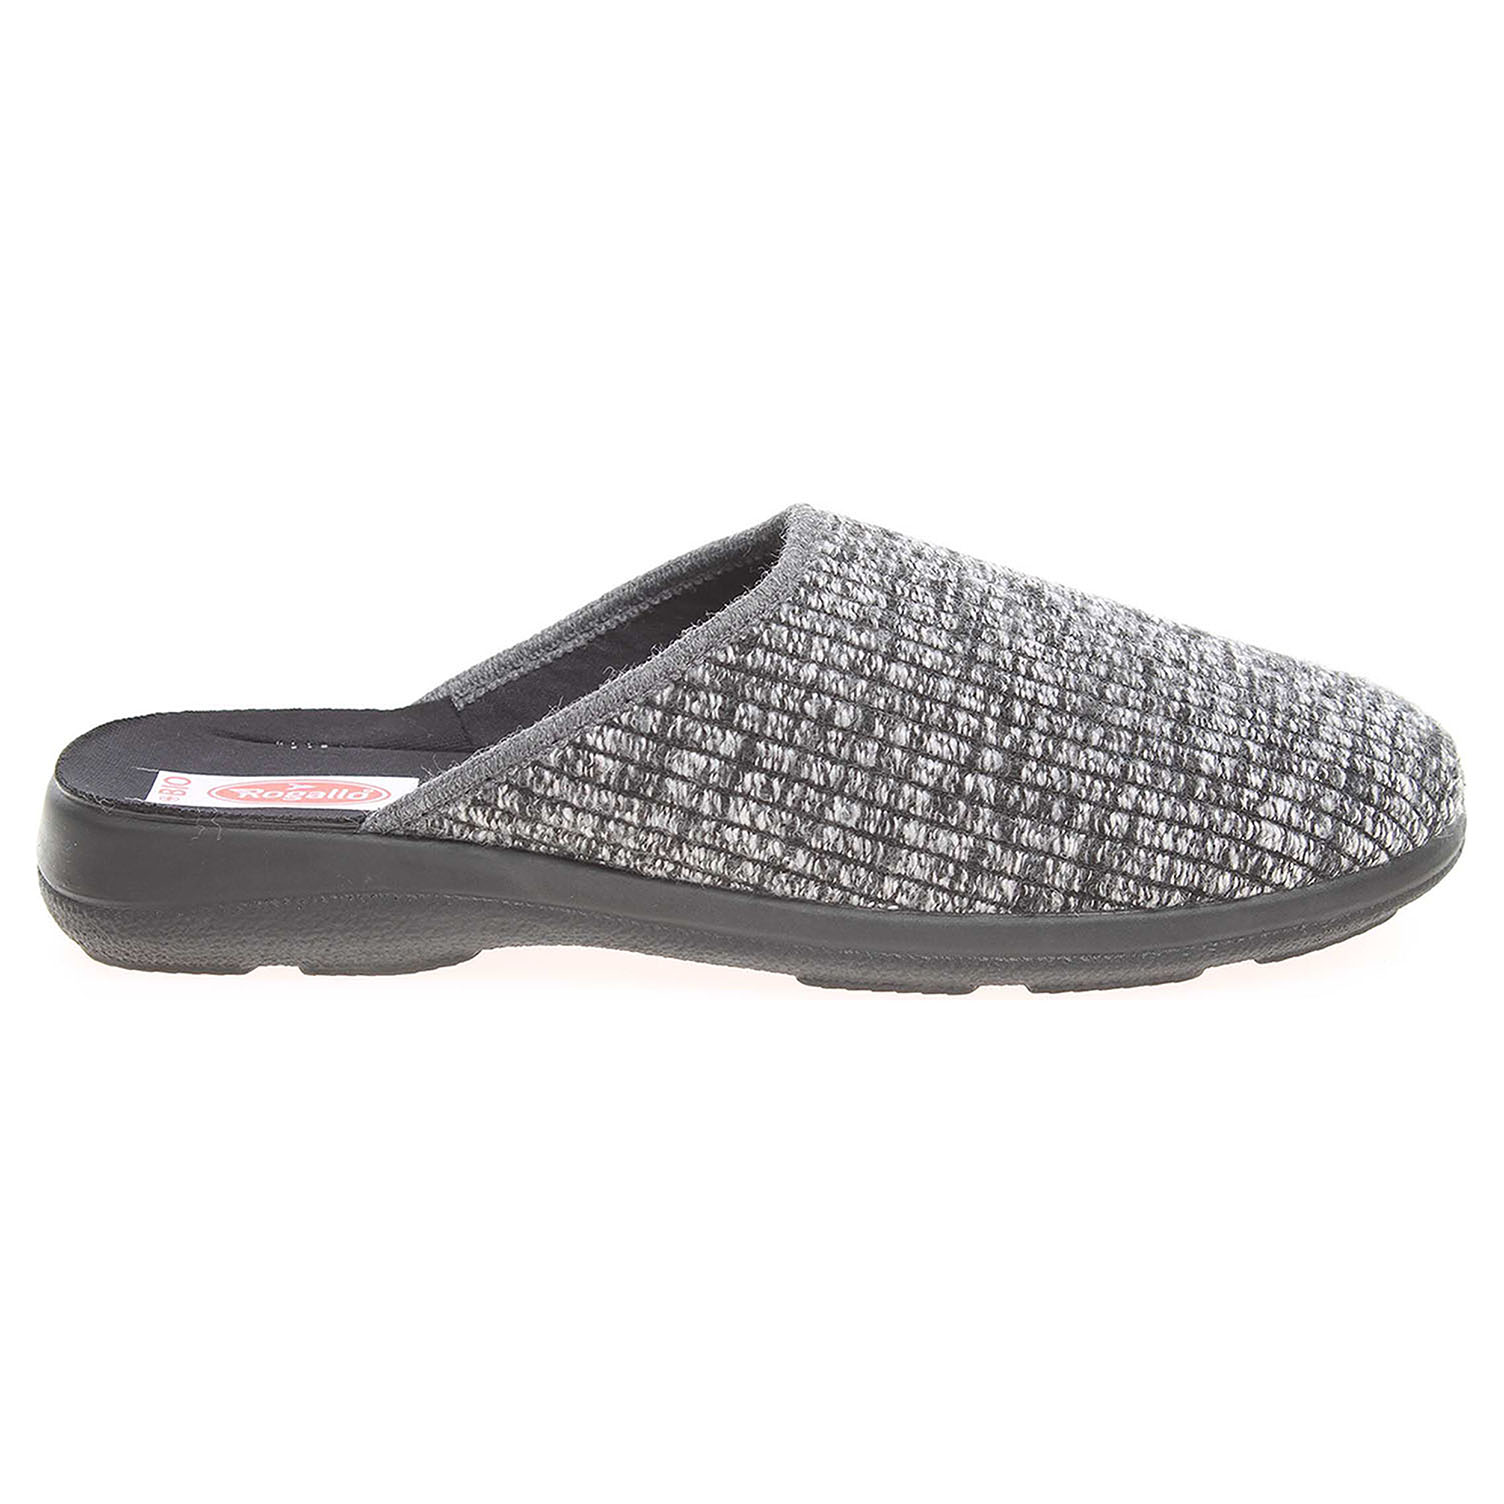 Rogallo pánské domácí pantofle 22514 šedé E-22514 41